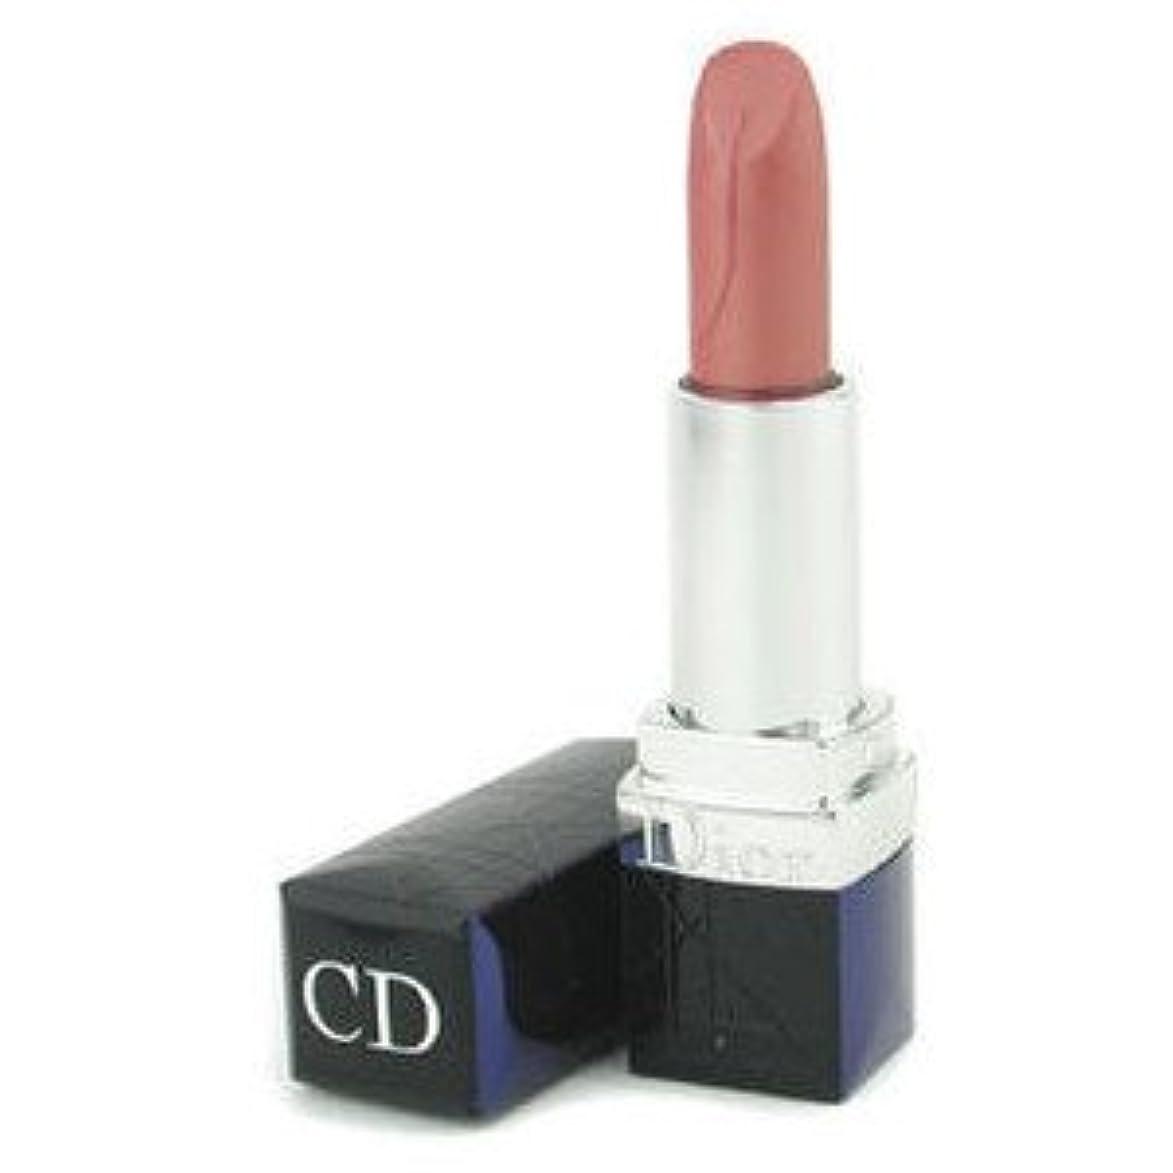 聖人事前にペルメルRouge Dior Replenishing Lipstick 292 Beige Silk Satin(ルージュディオール リプレニッシング リップスティック 292ベージュシルクサテン)[海外直送品] [並行輸入品]